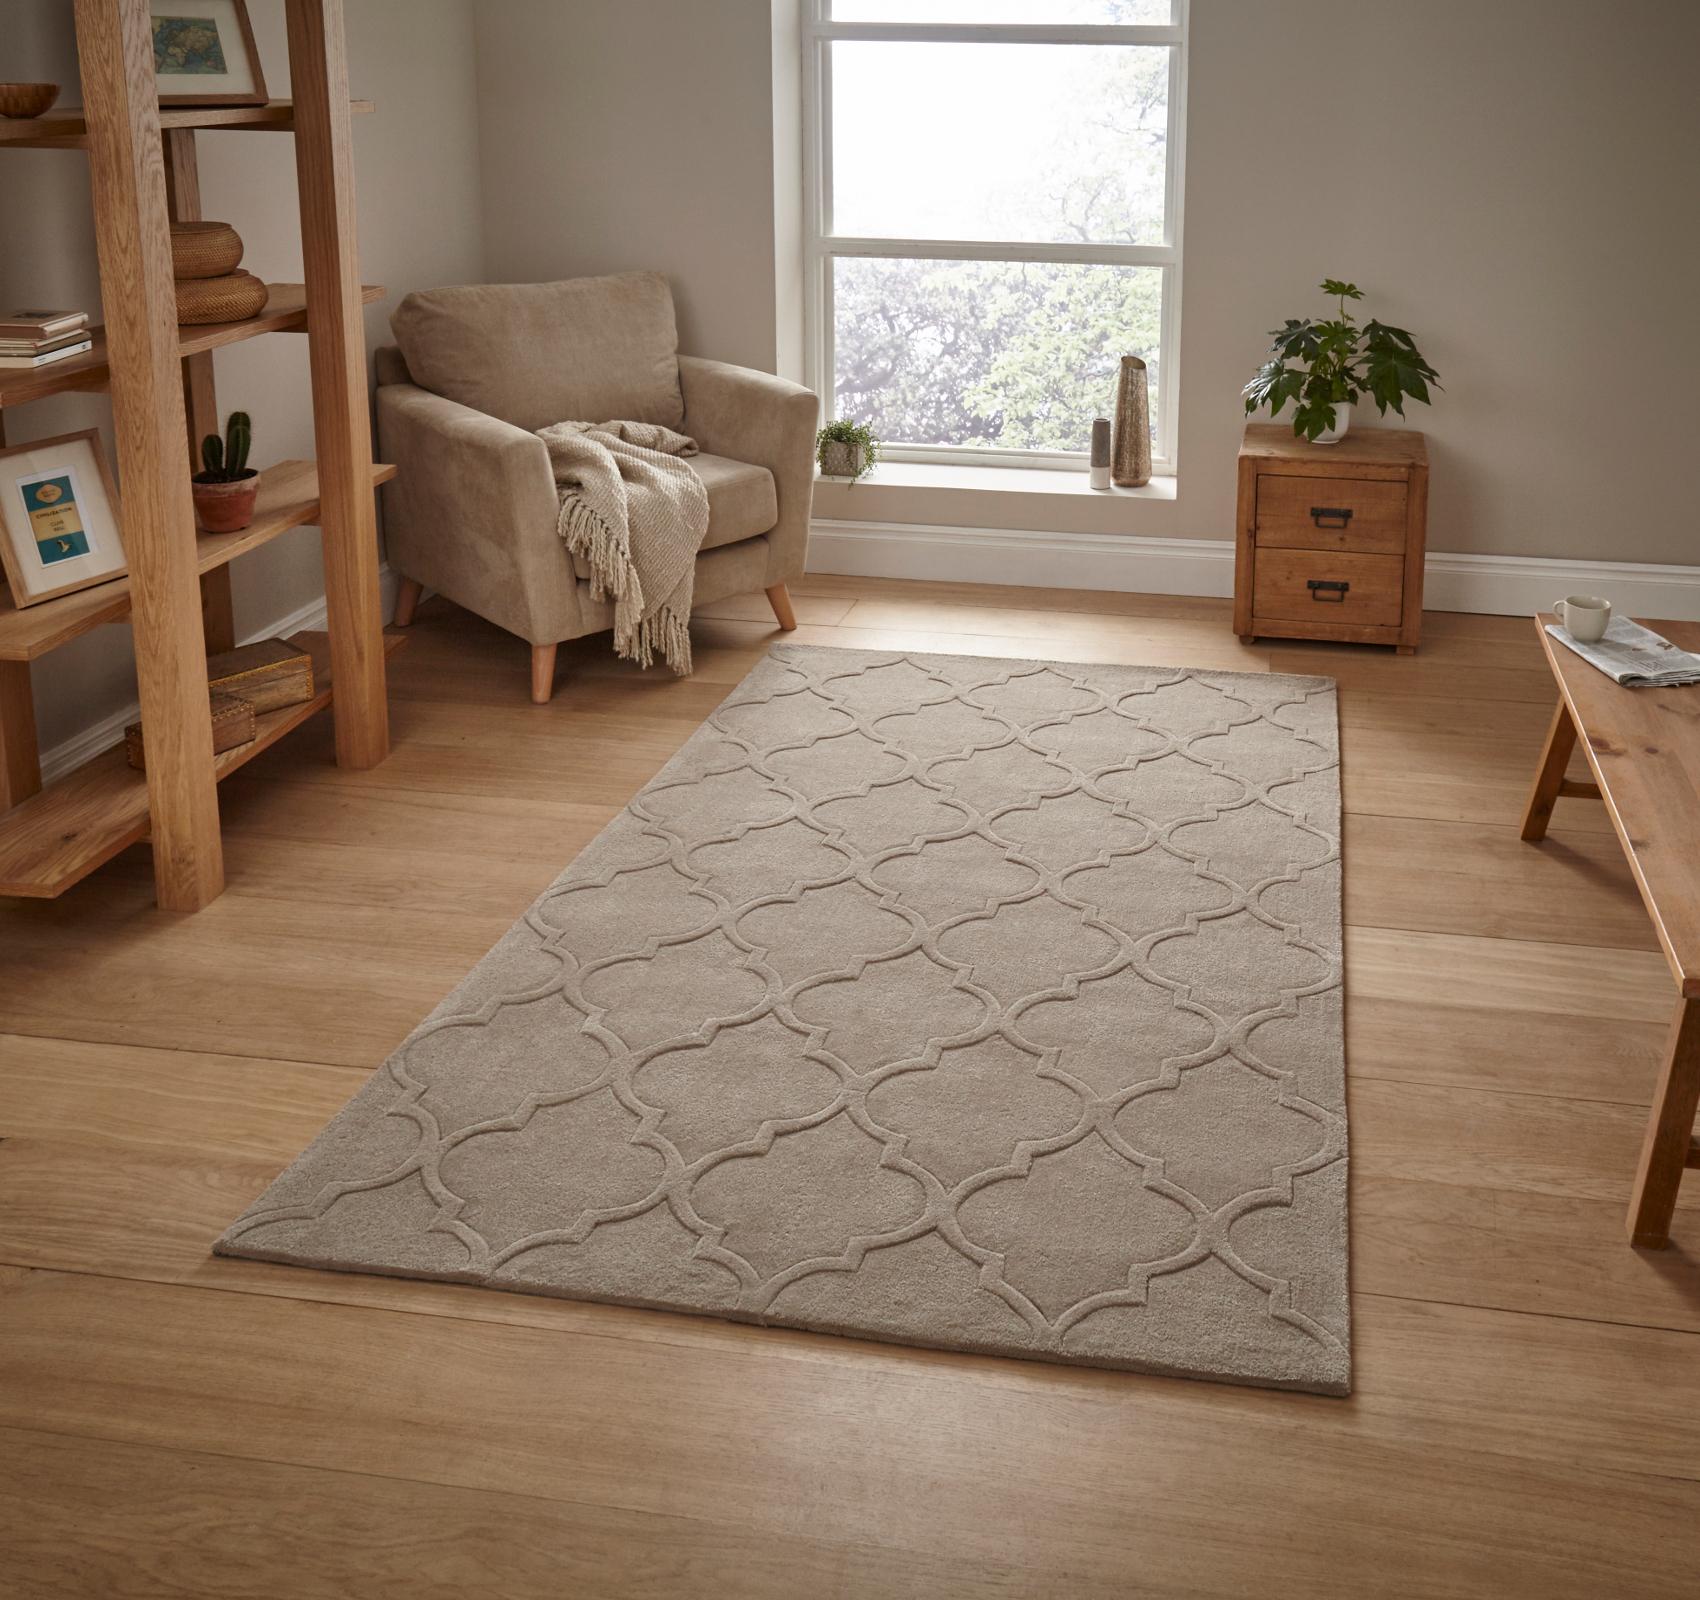 canyon white palm garden shag trellis pico easy home grey rug moroccan product x